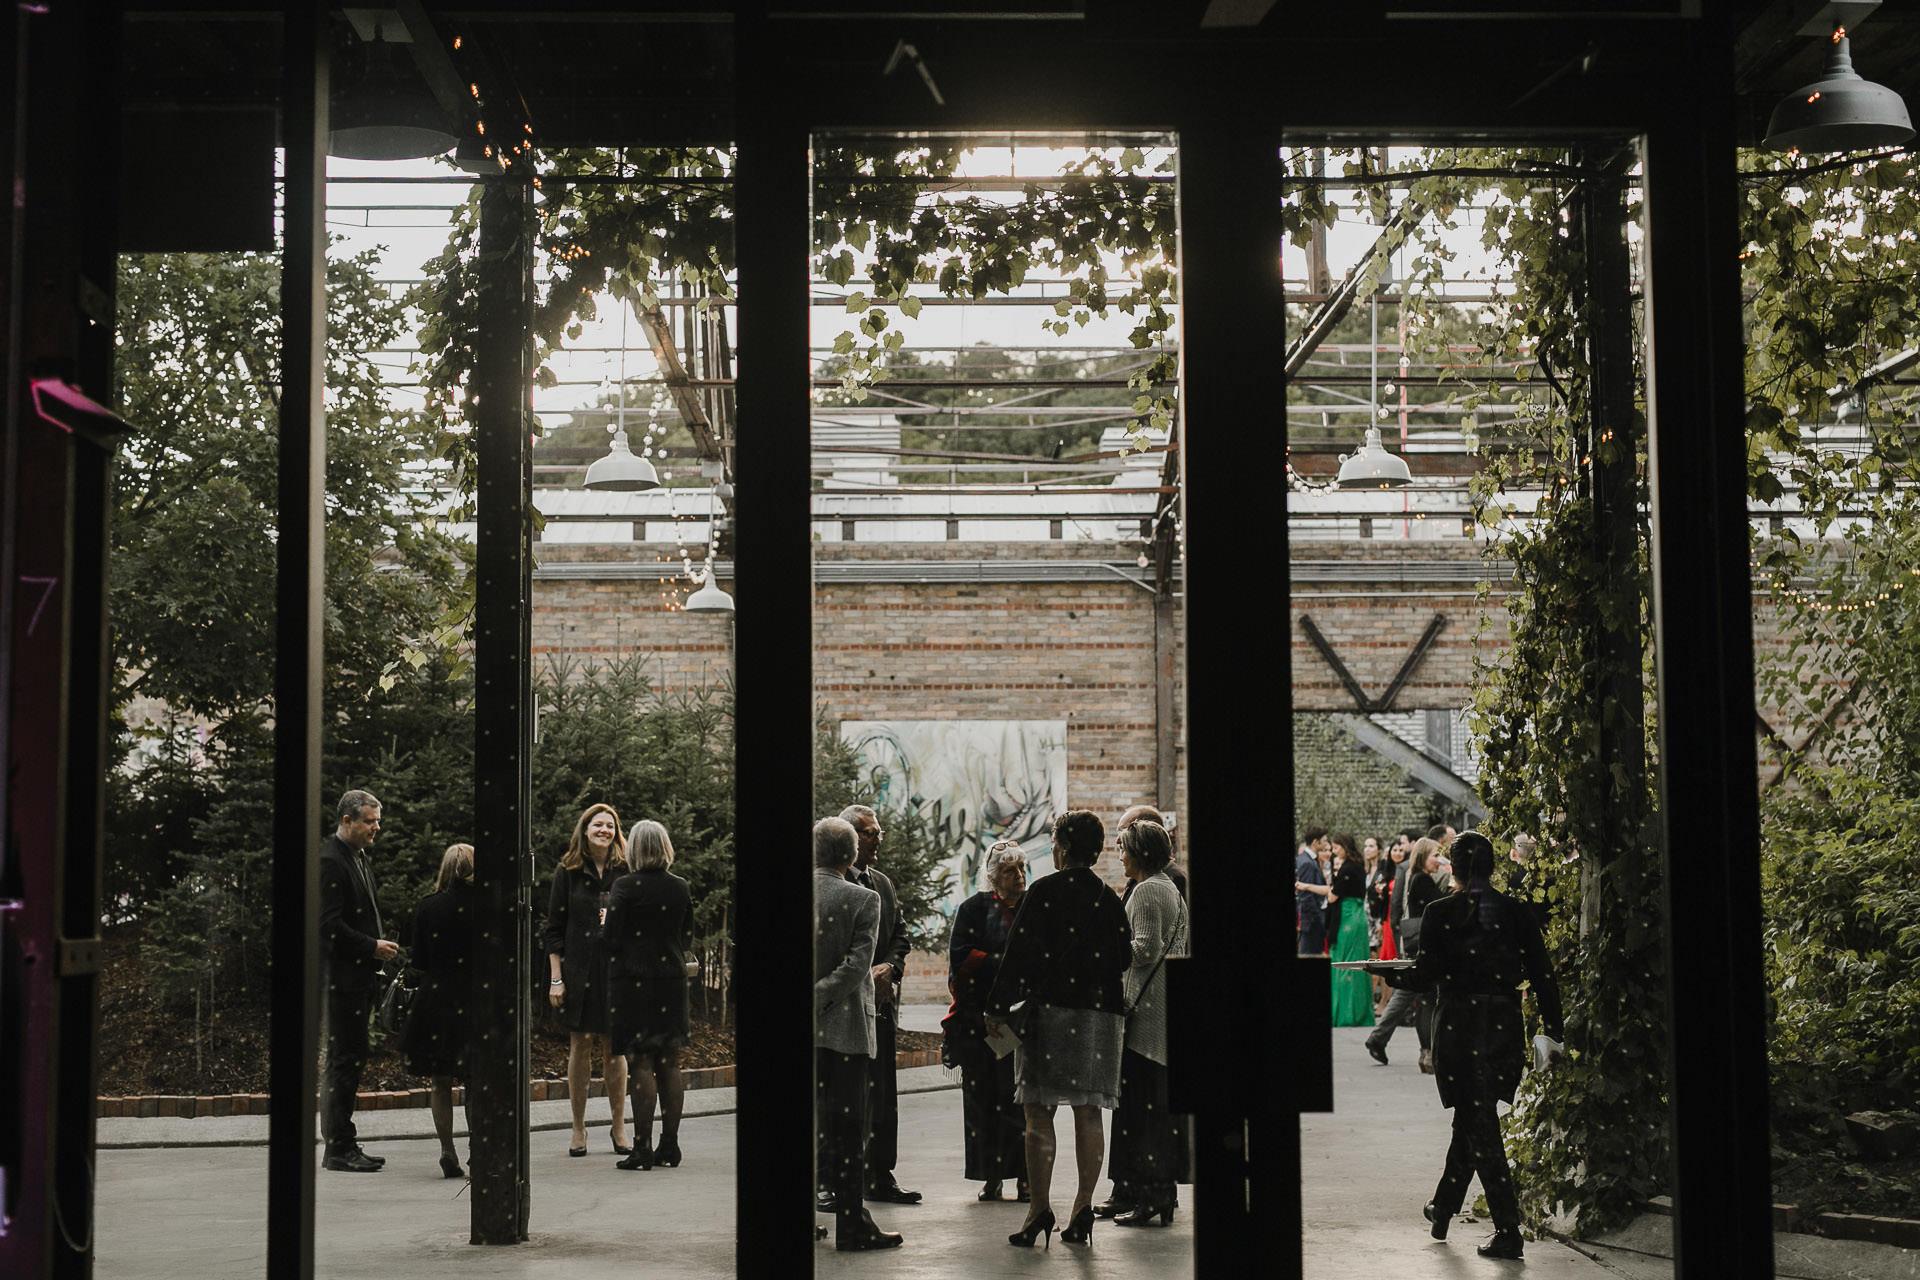 Evergreen Brickworks wedding photographer - cocktails in the attrium